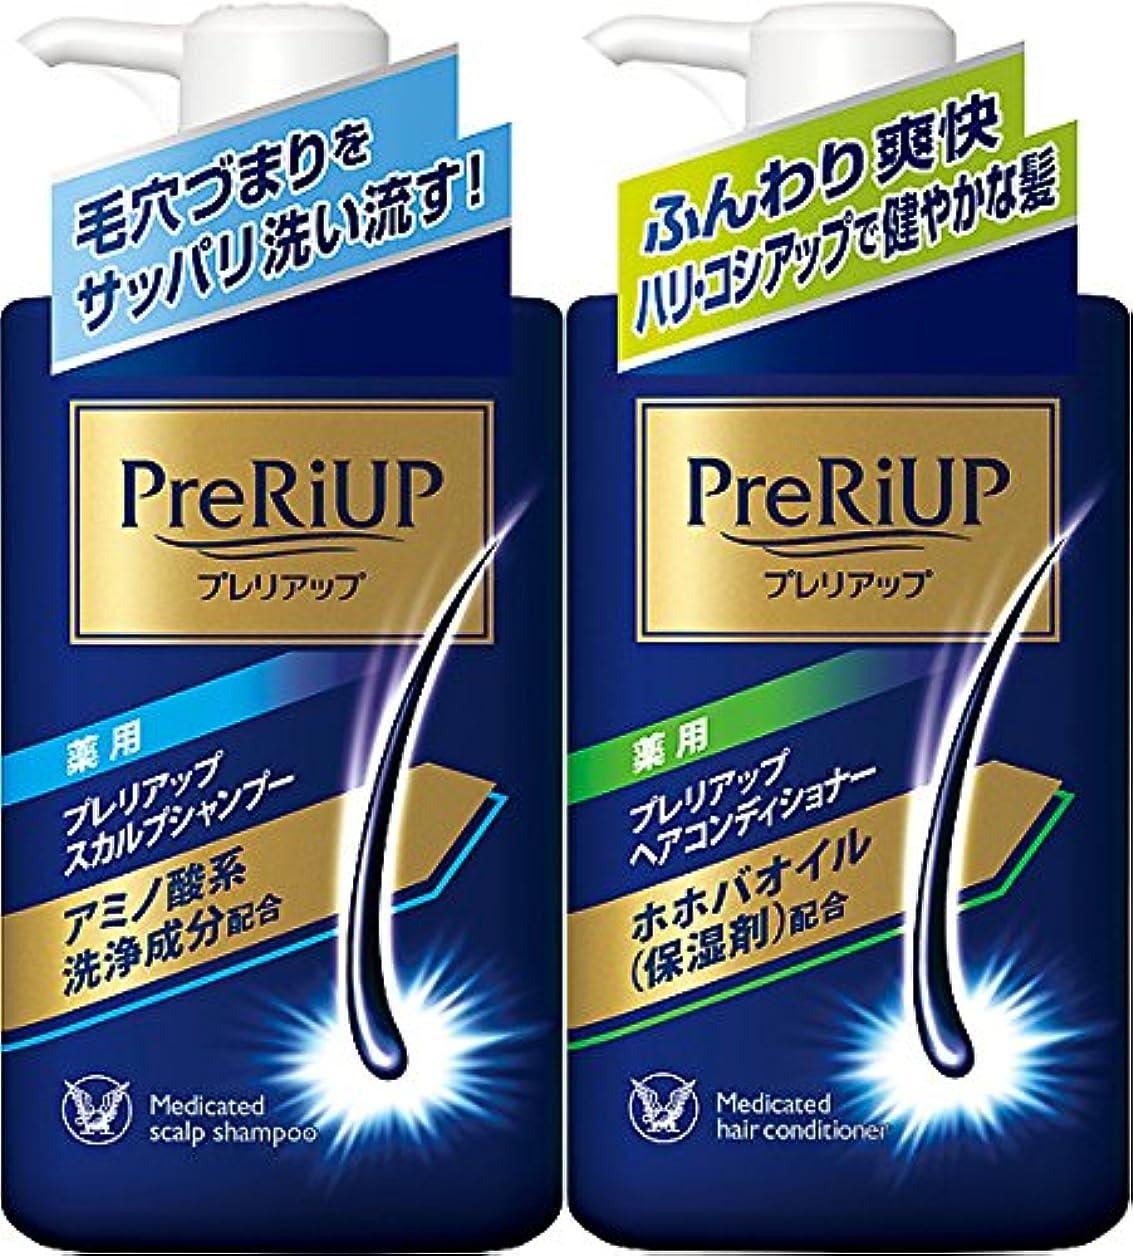 【ポンプペアセット】薬用プレリアップ スカルプシャンプー 400ml & ヘアコンディショナー 400g